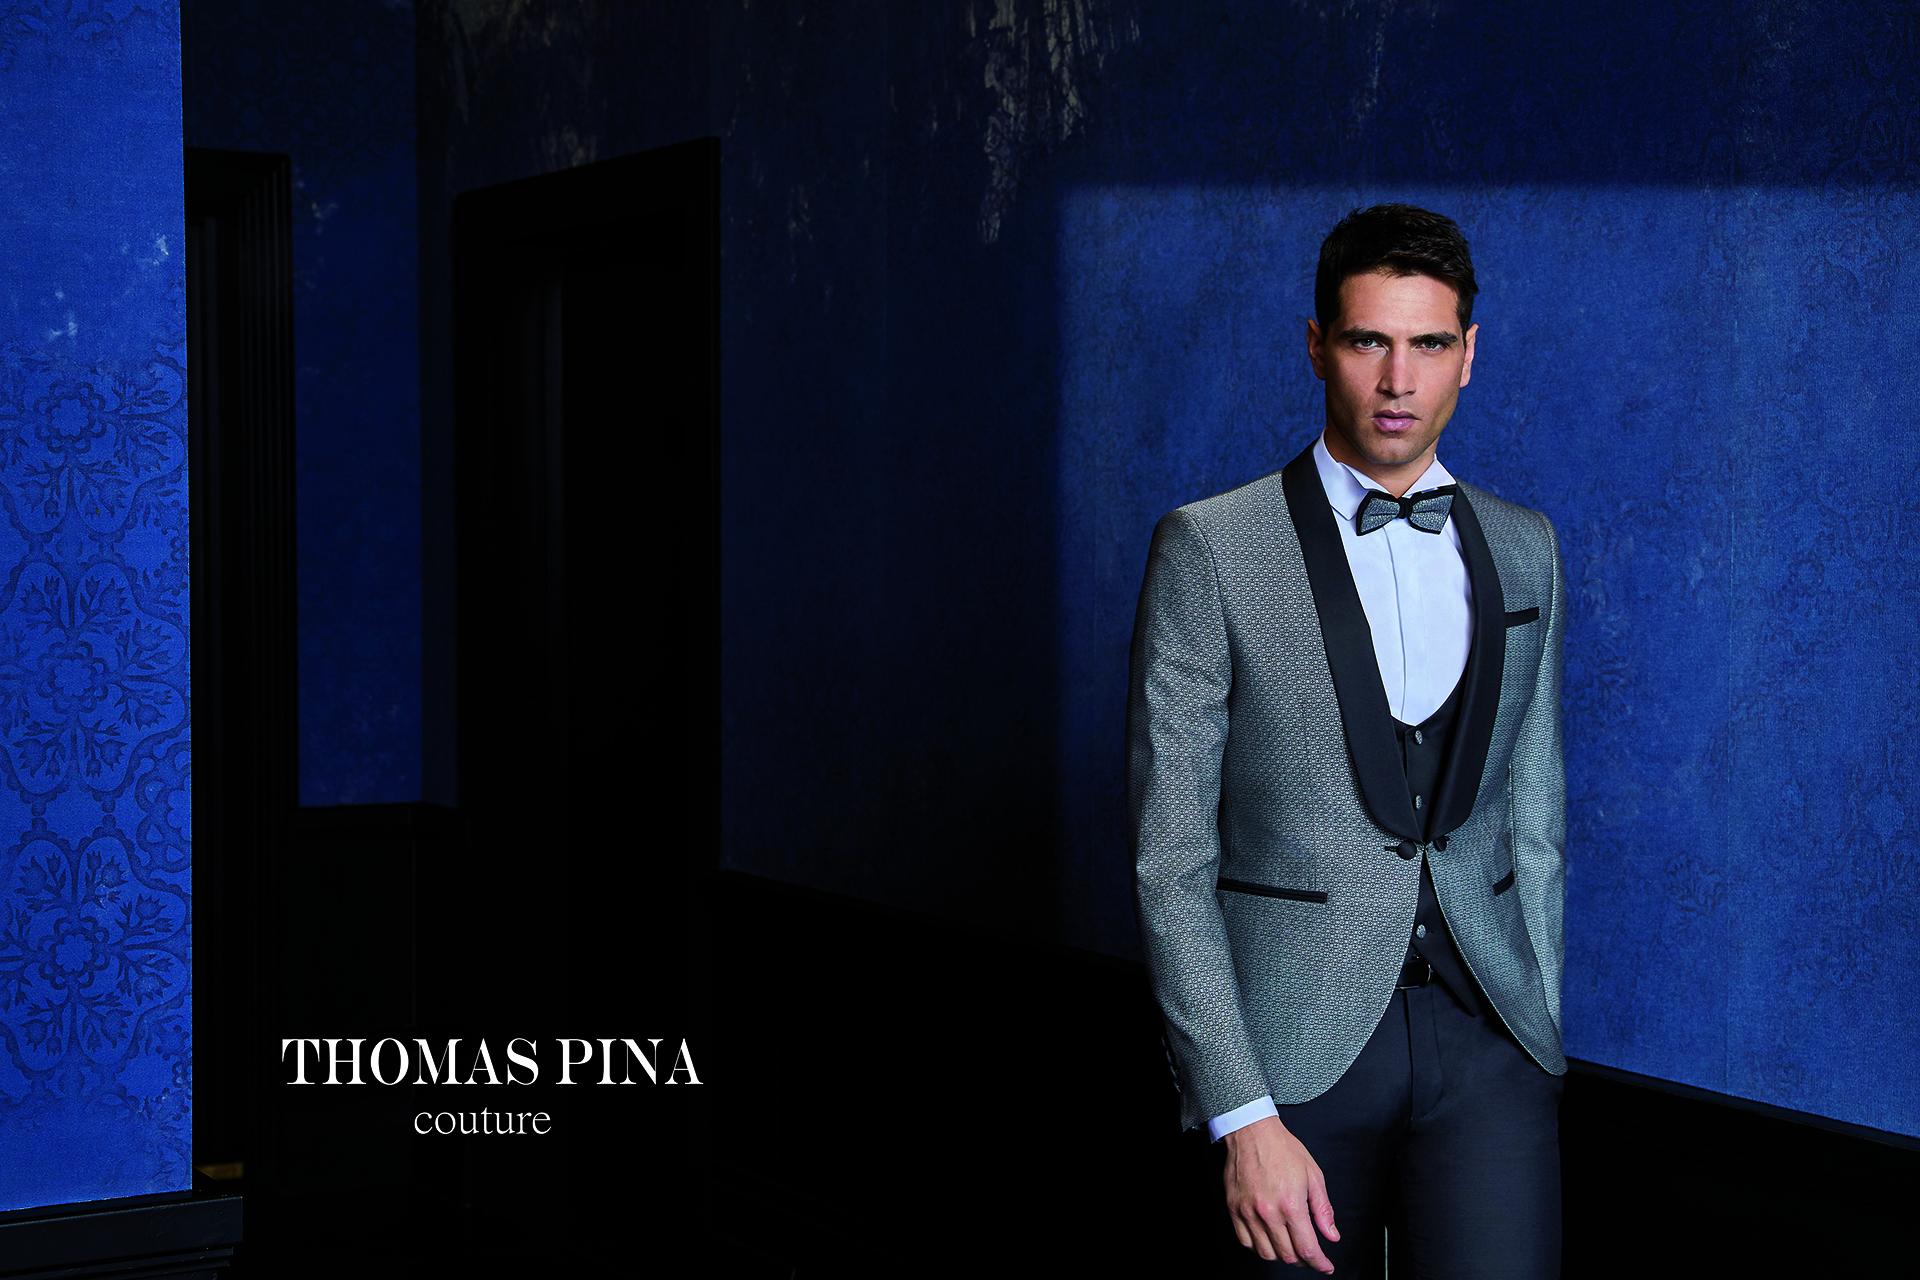 Thomas_pina_36